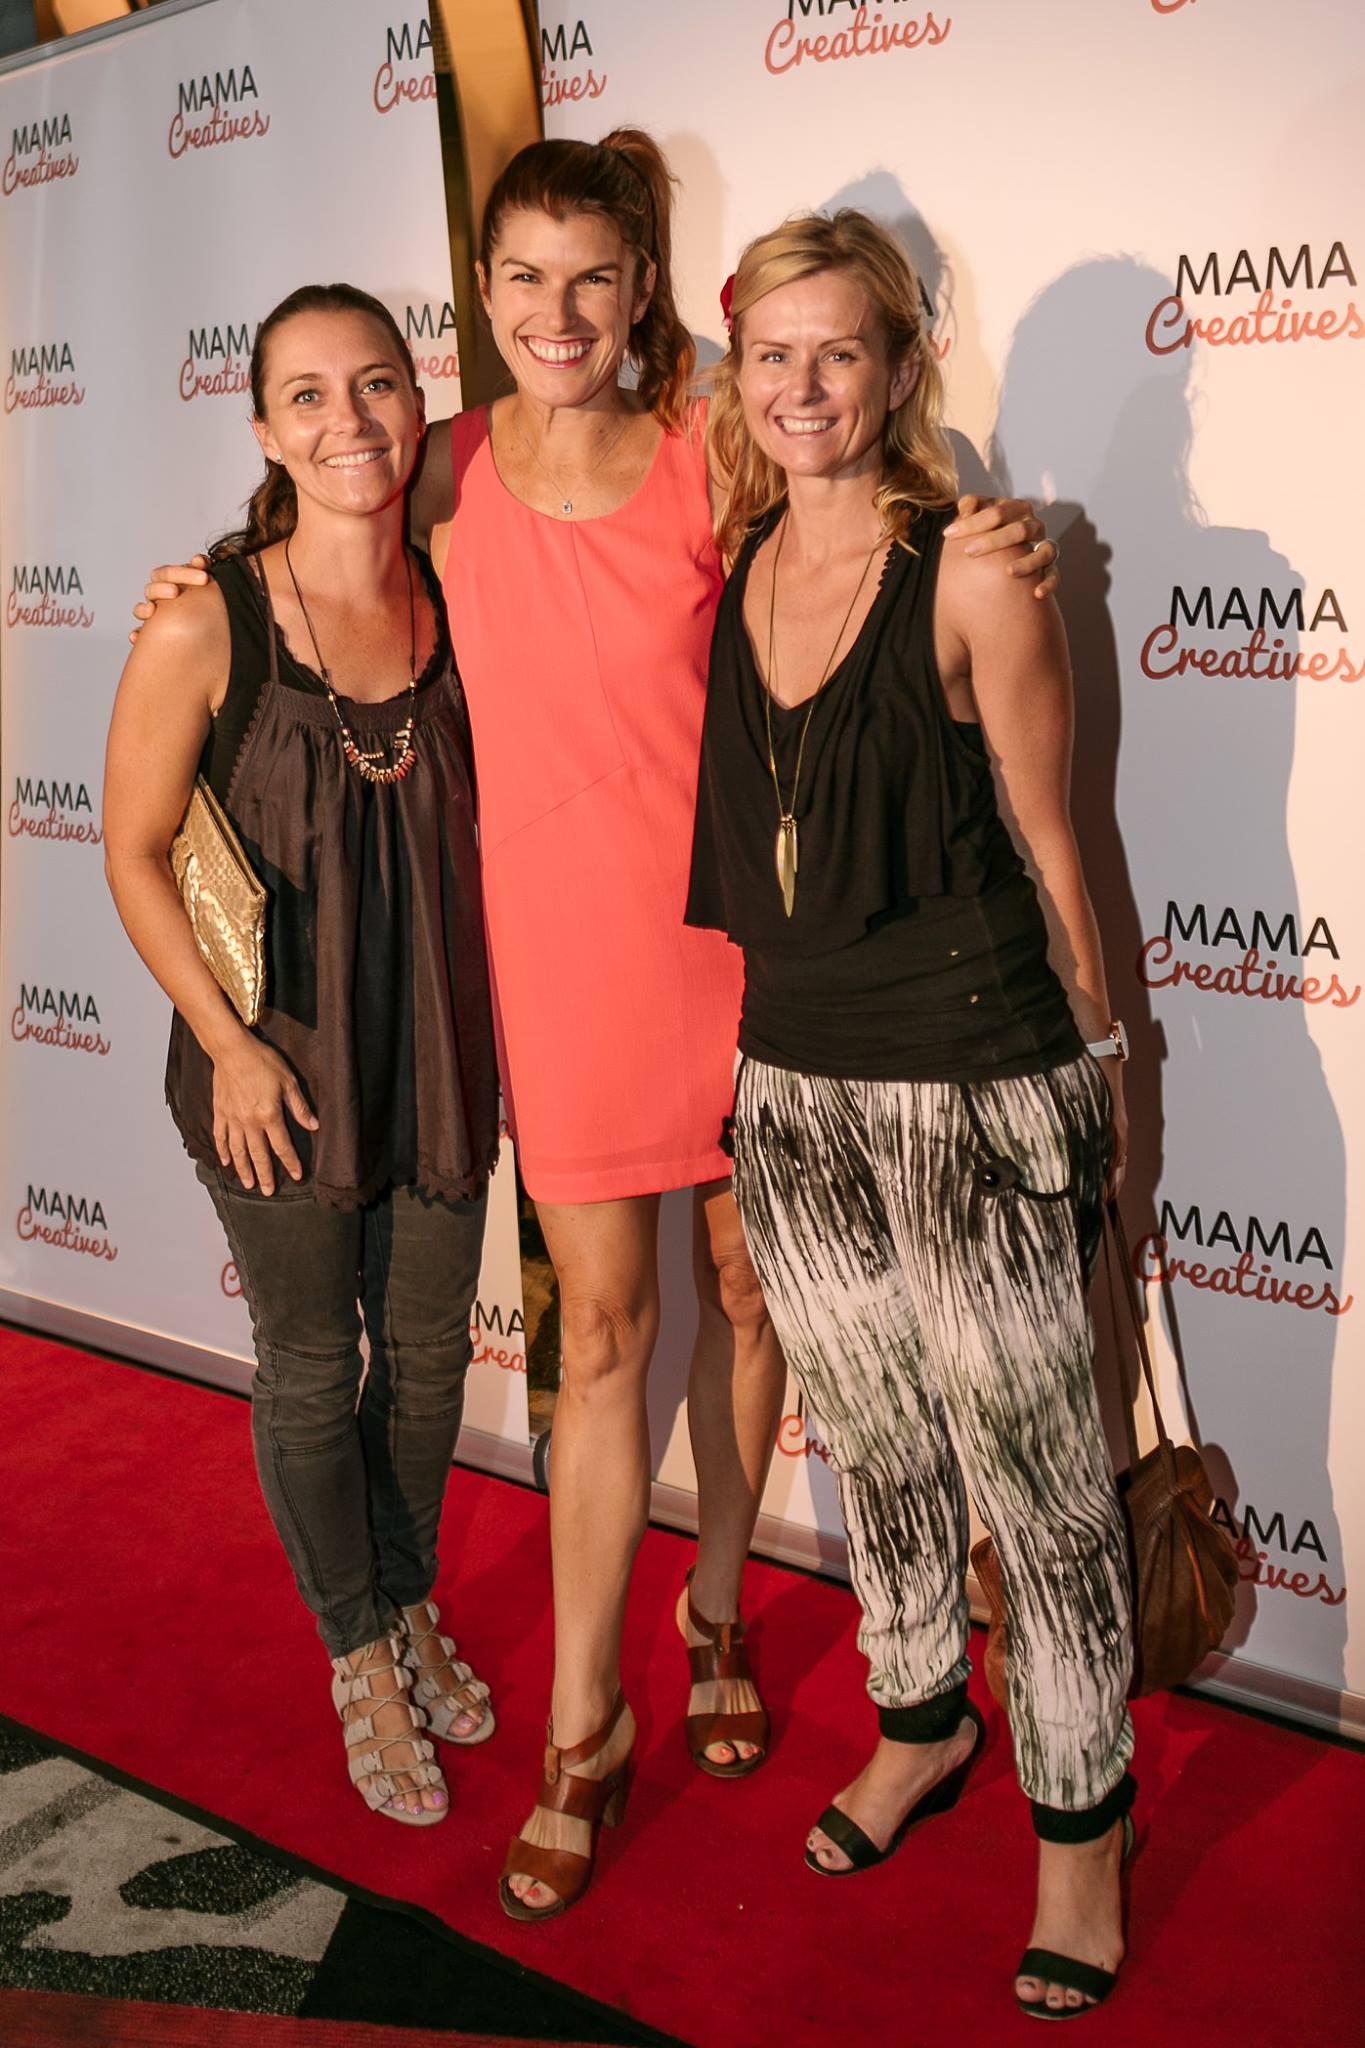 Three talented women, Lizzy Williamson with artist Susie Dureau